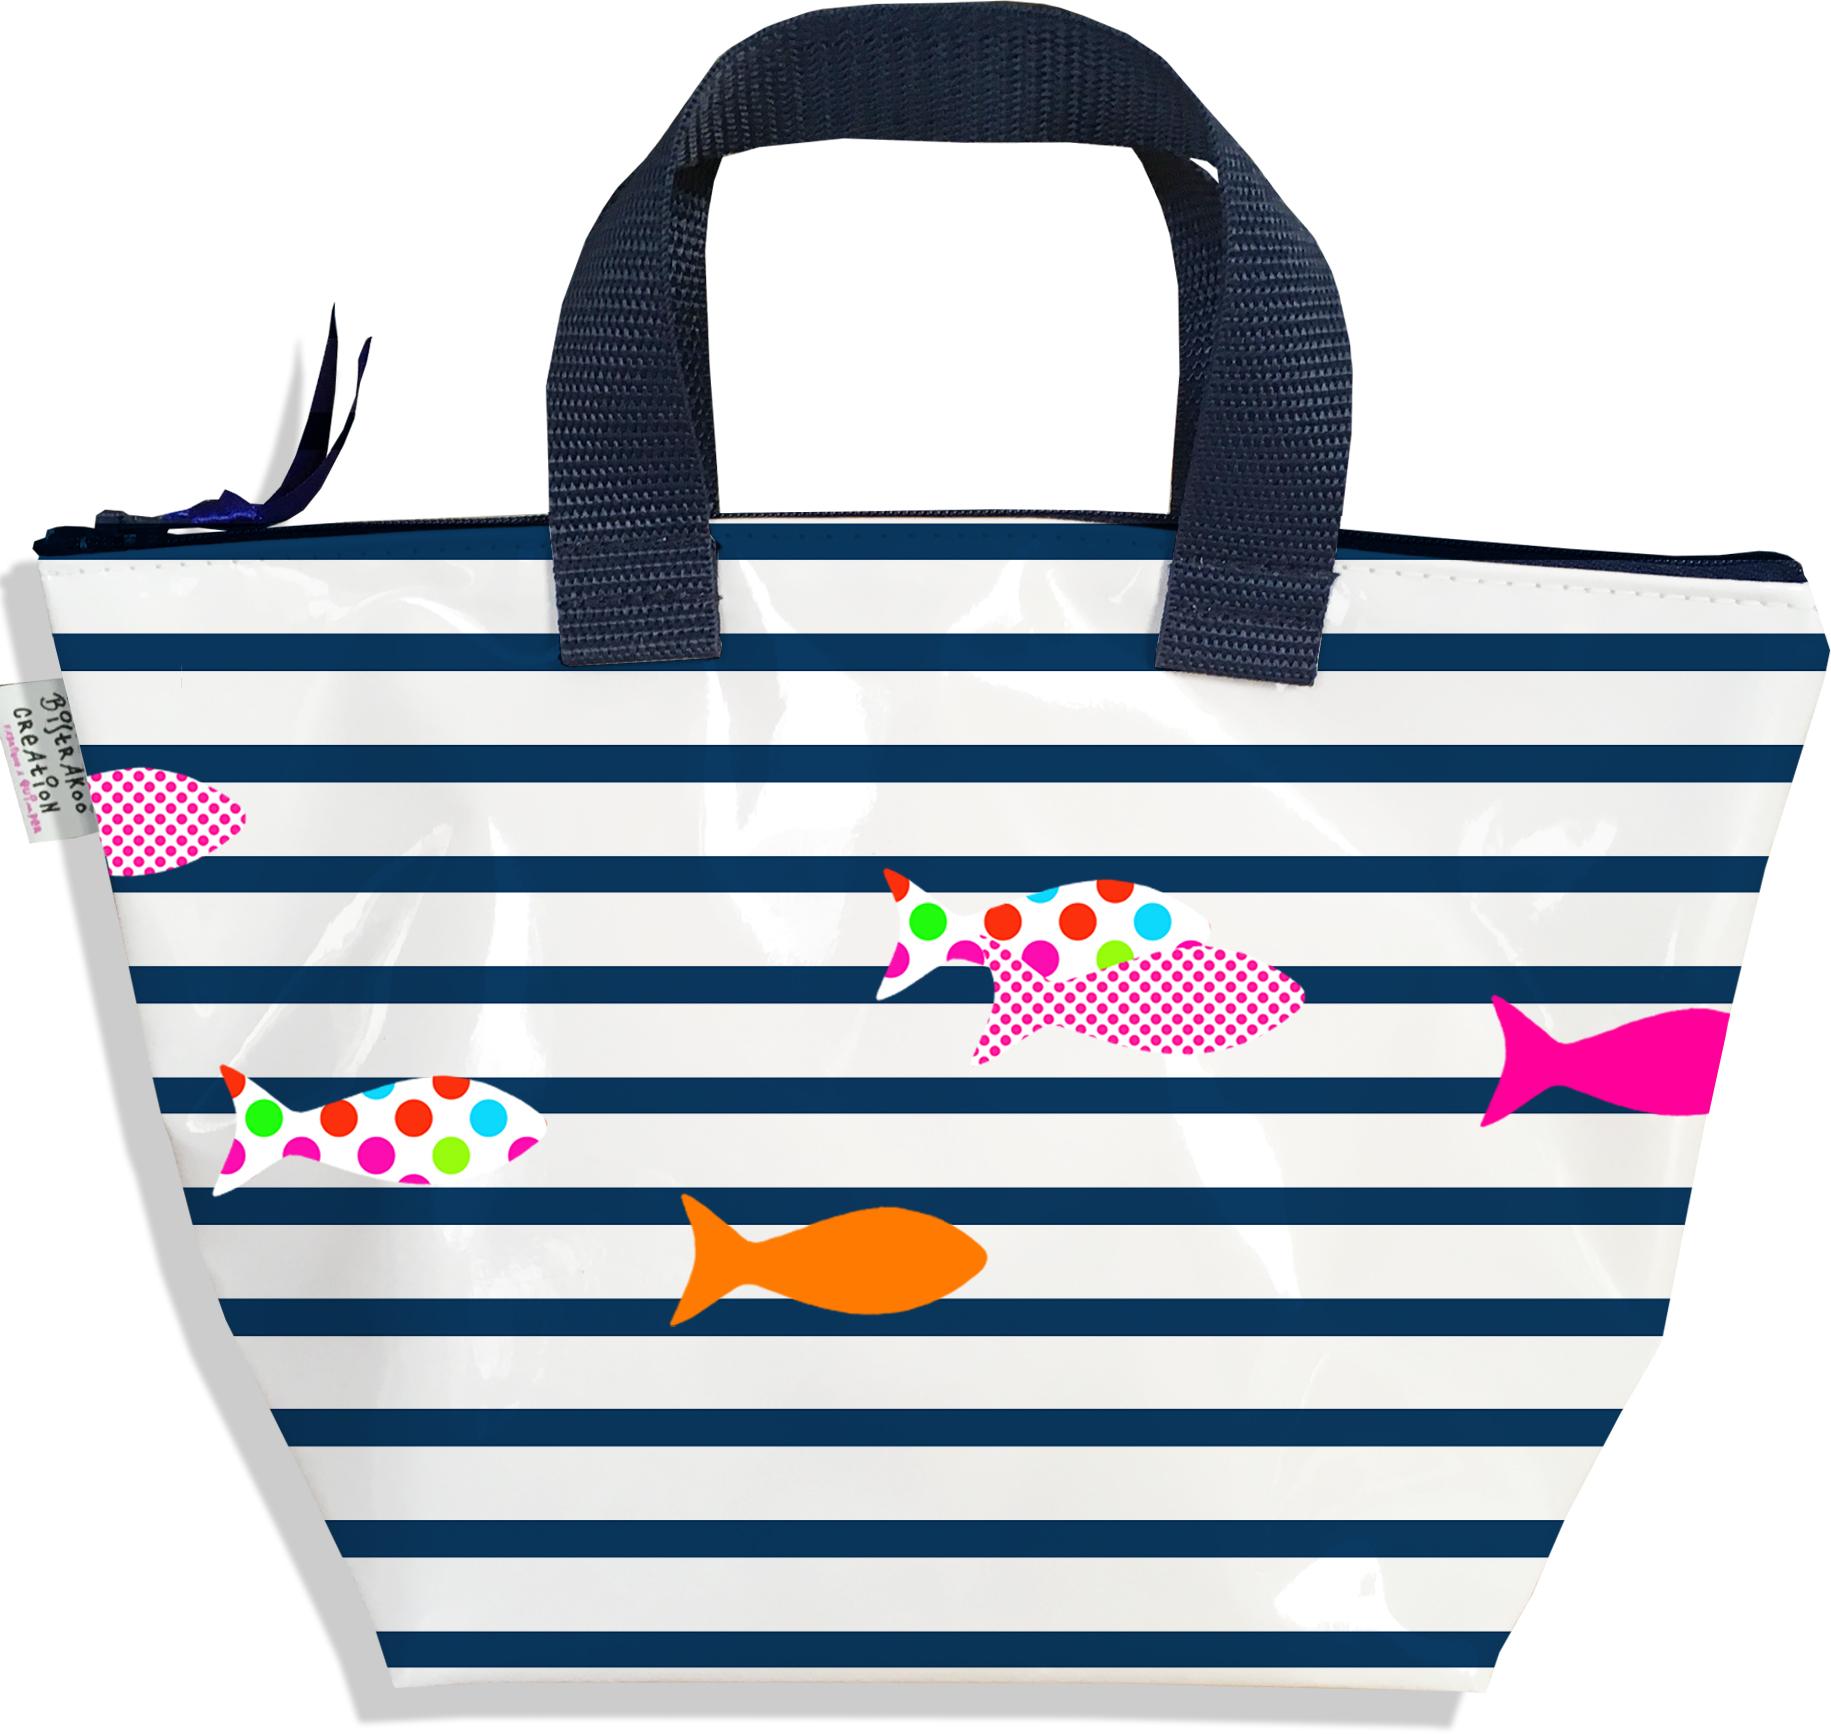 Sac à main zippé pour fille motif Marinière bleu marine et blanche poissons multicolores 2357-2016